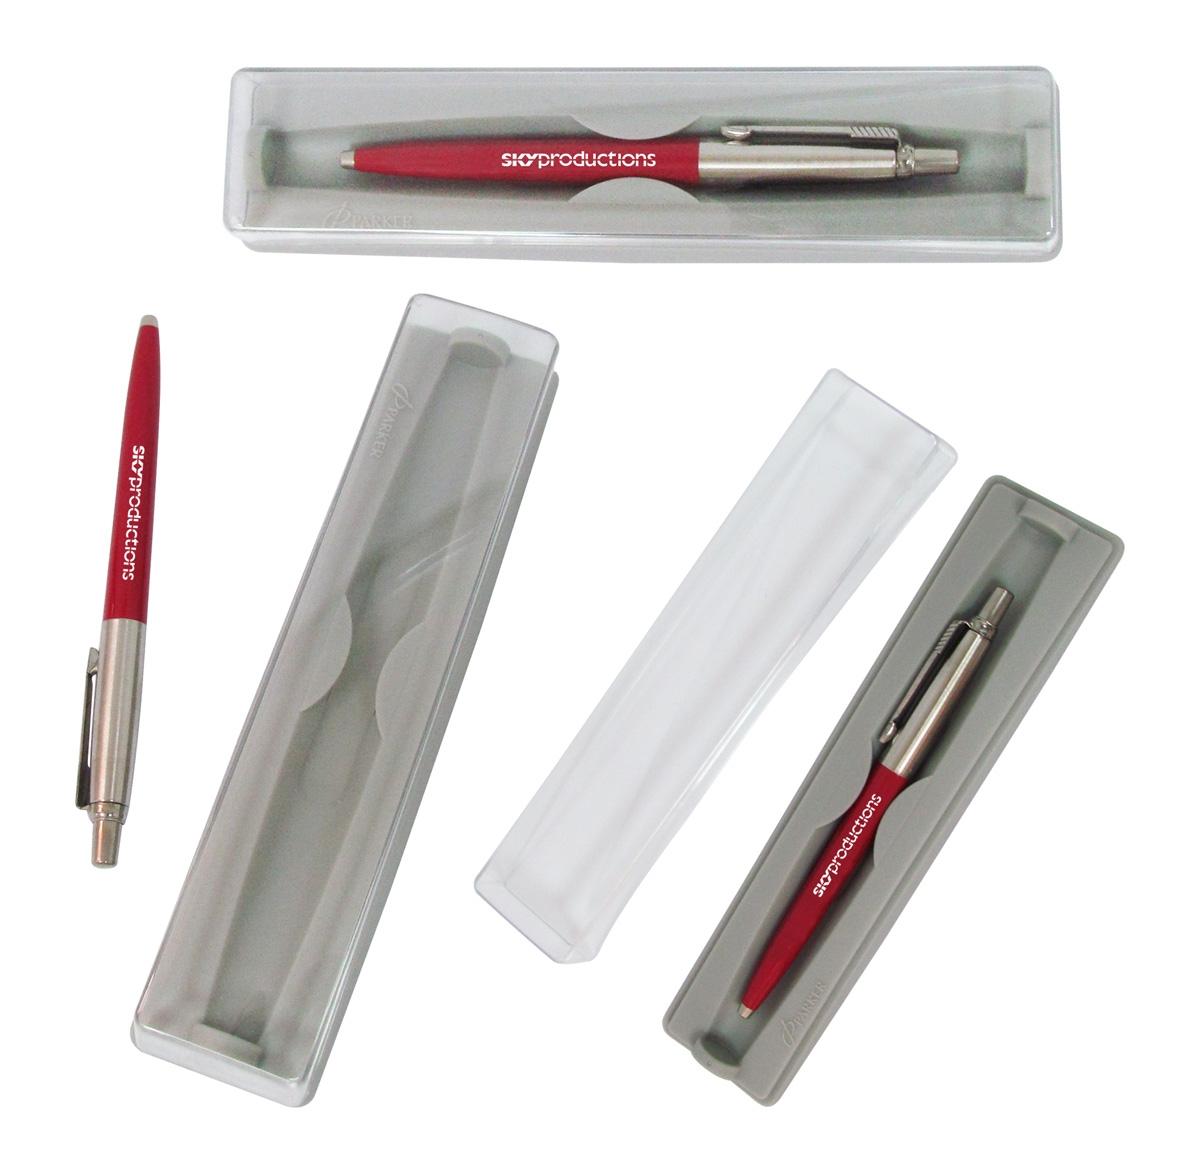 עטי פרקר | עט כדורי פרקר